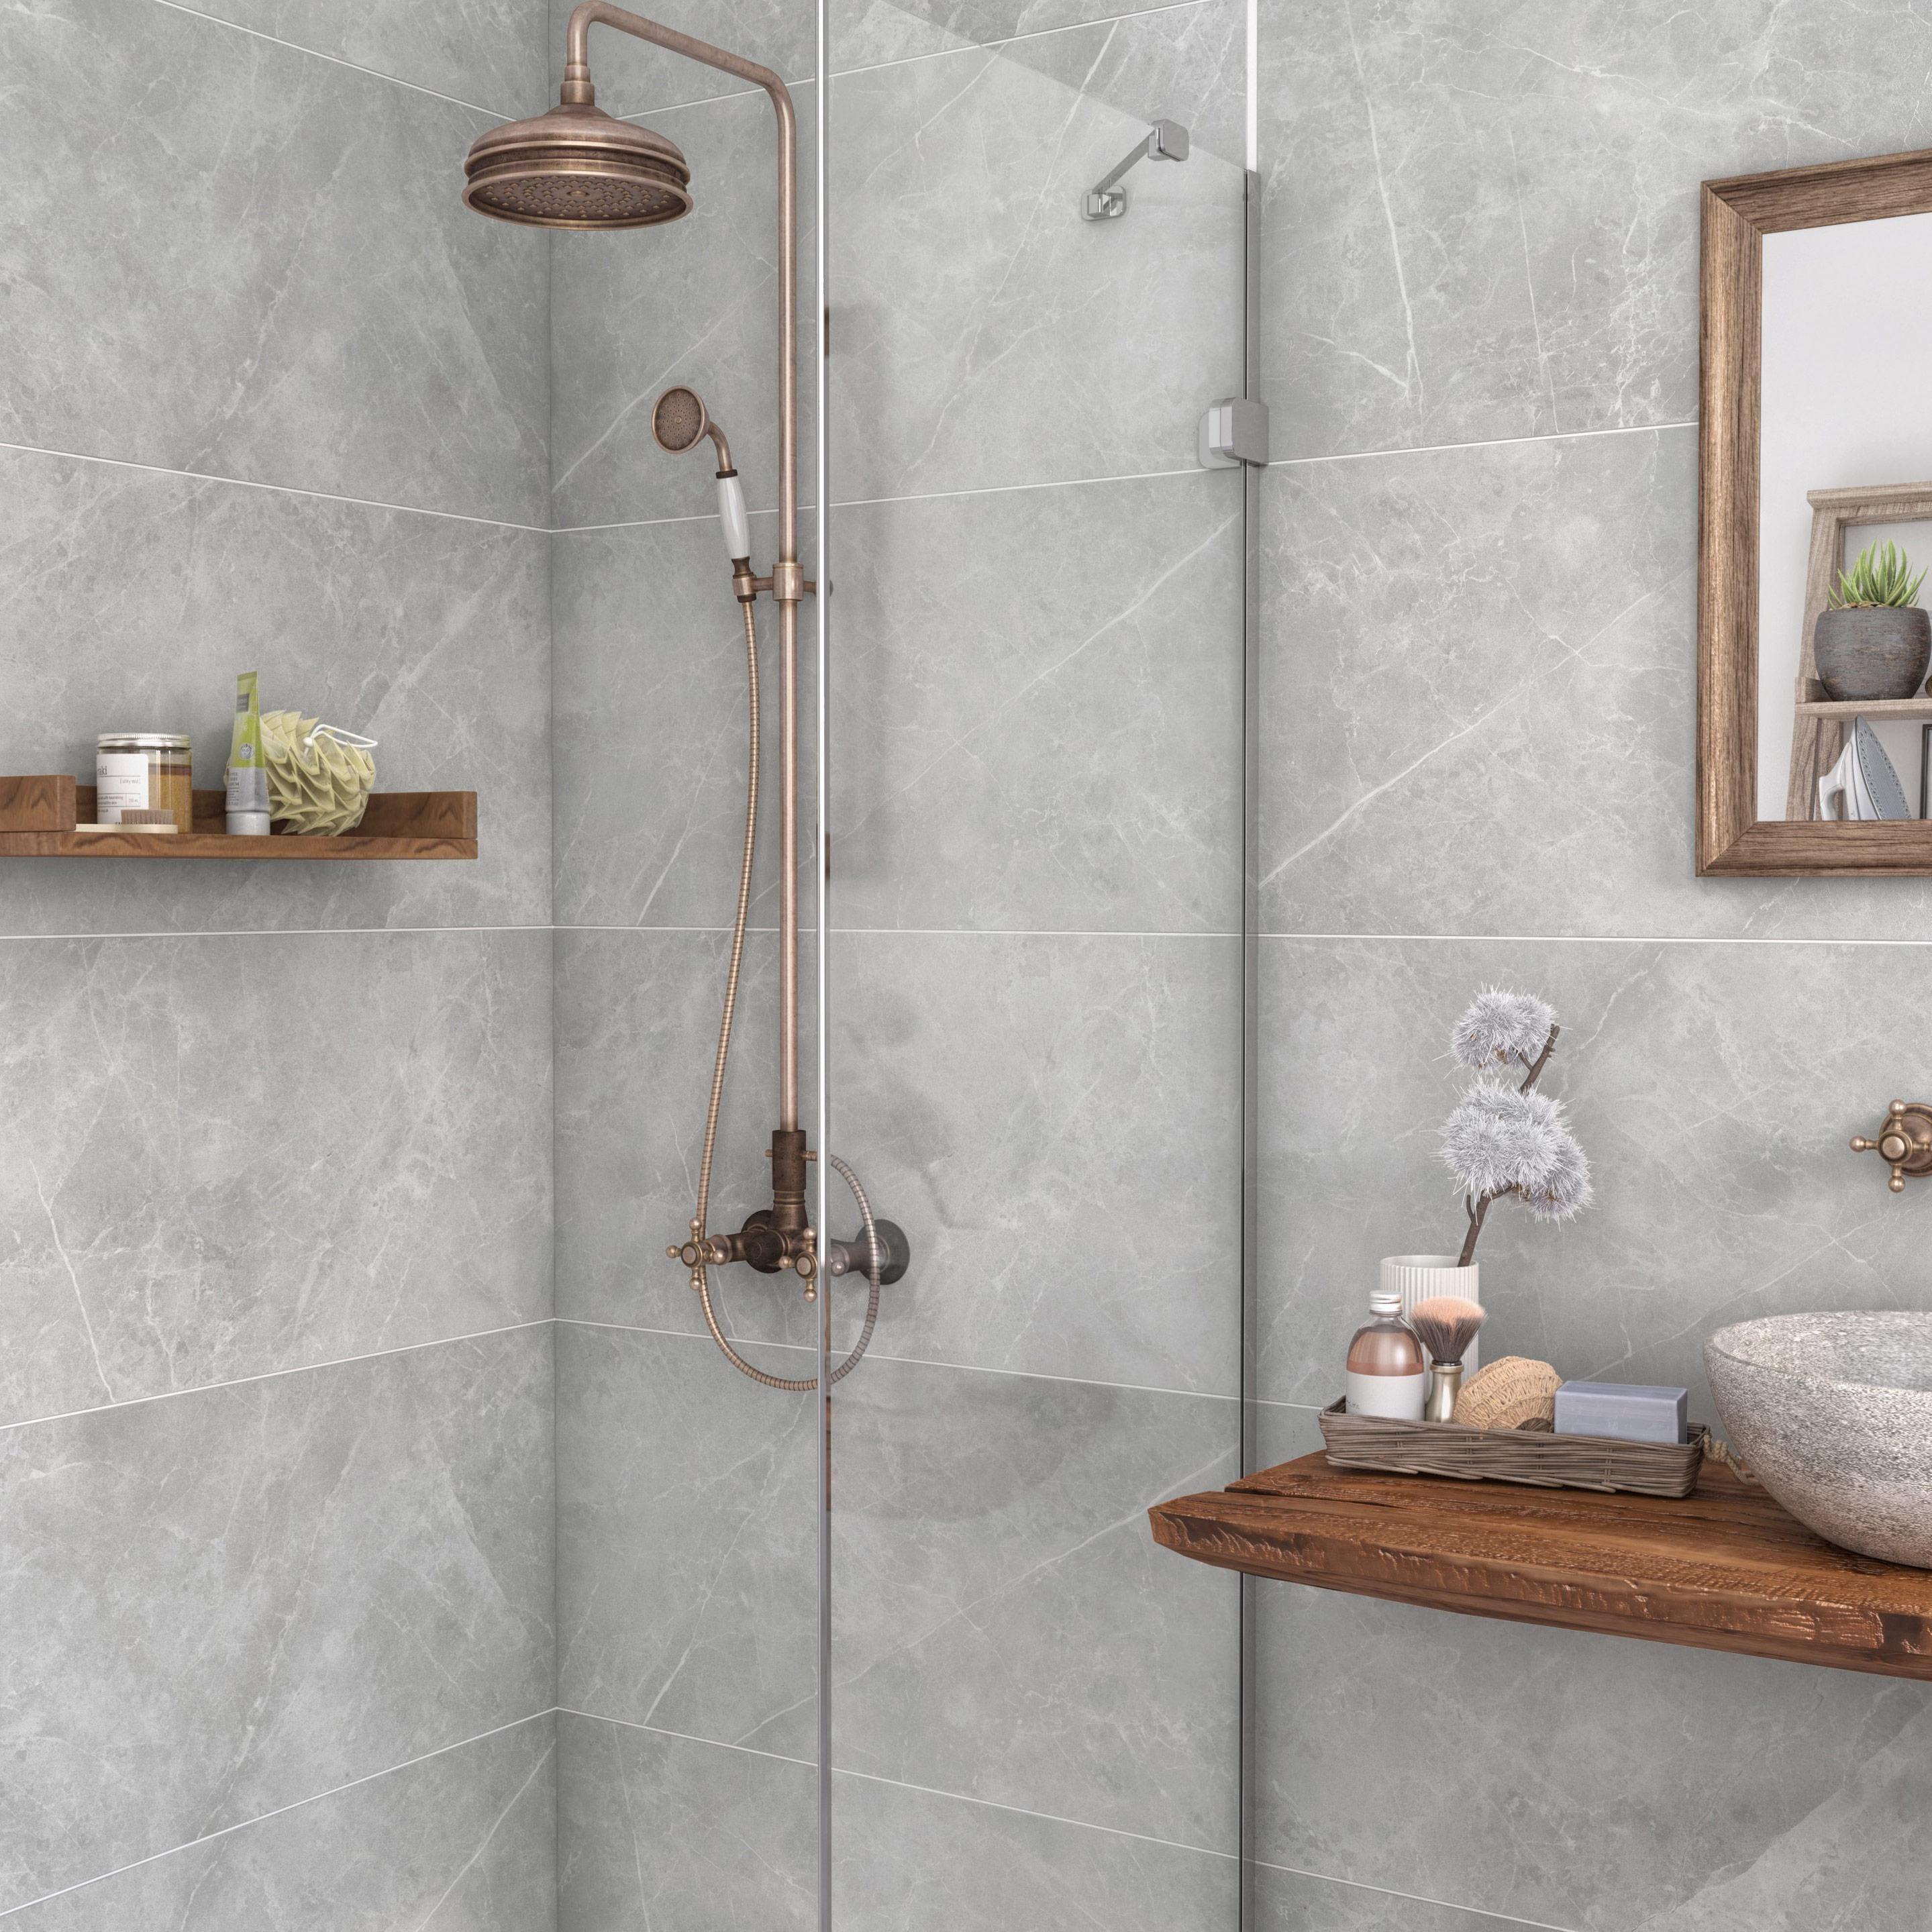 Étonnant Carrelage mur et sol marbre gris mat l.90 x L.3 cm, Rialto ML-31